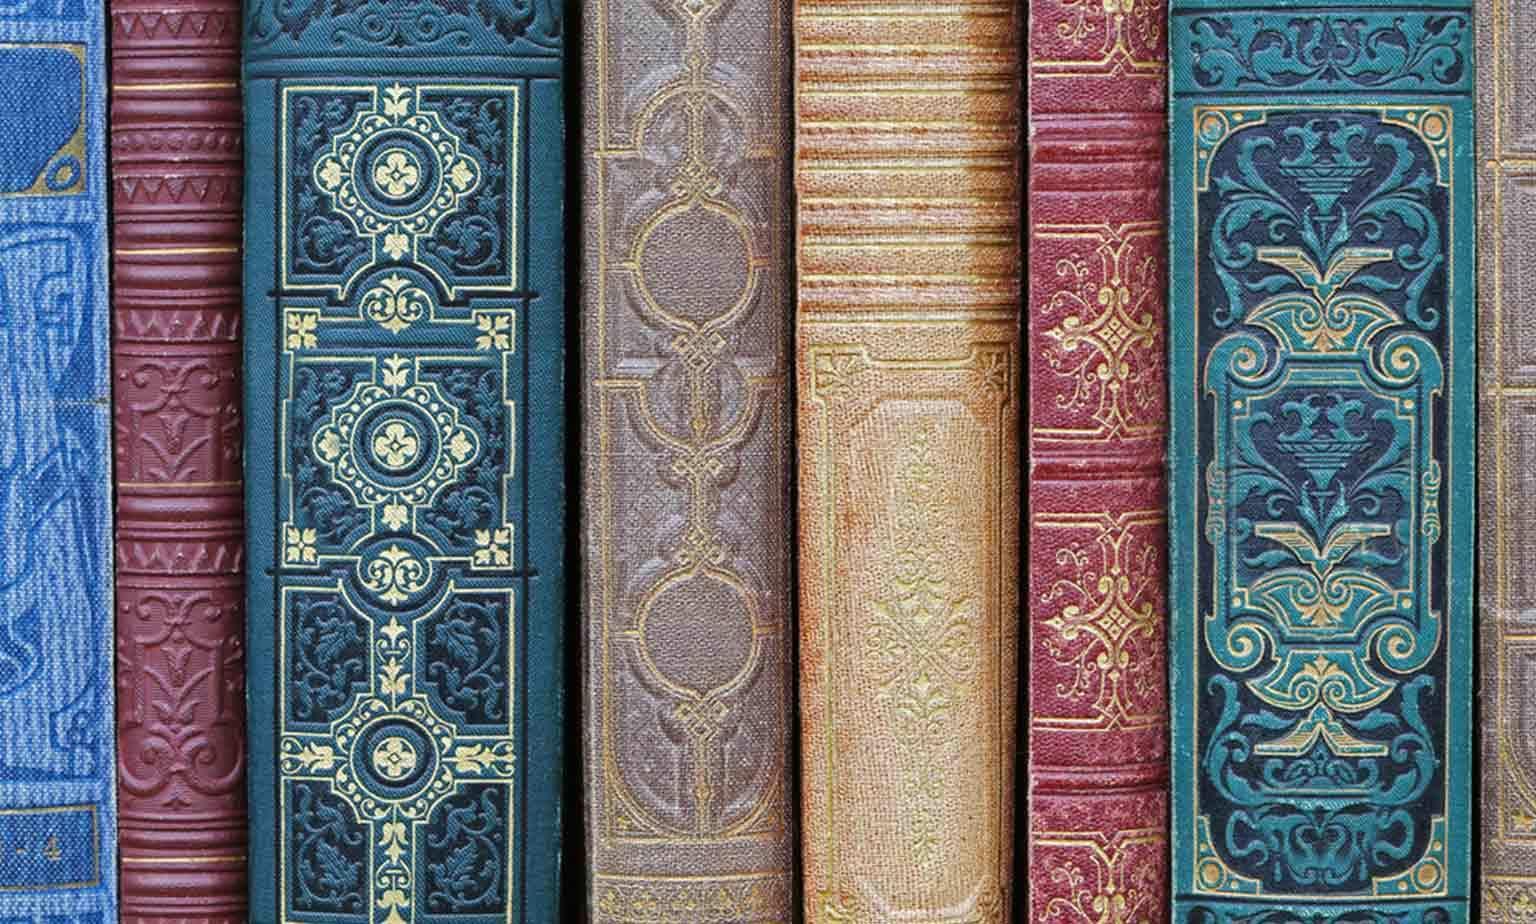 Vintage Book and Manuscript Finds